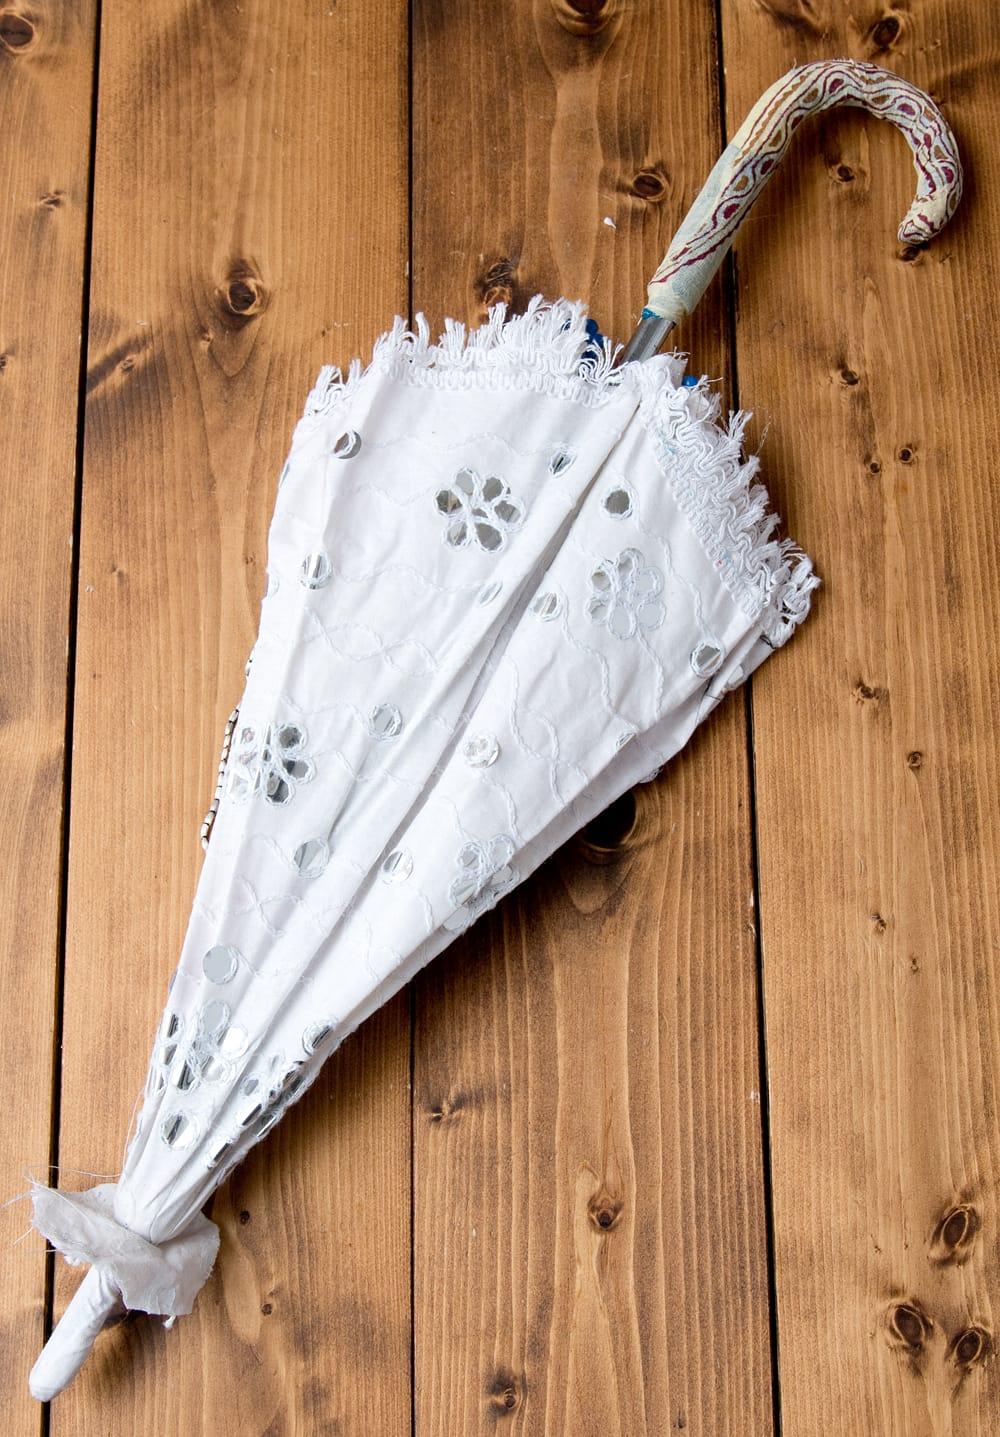 〔アソート〕インド・ラジャスタンのホワイト刺繍傘・日傘 - 直径65cm程度 10 - 折りたたんだところです